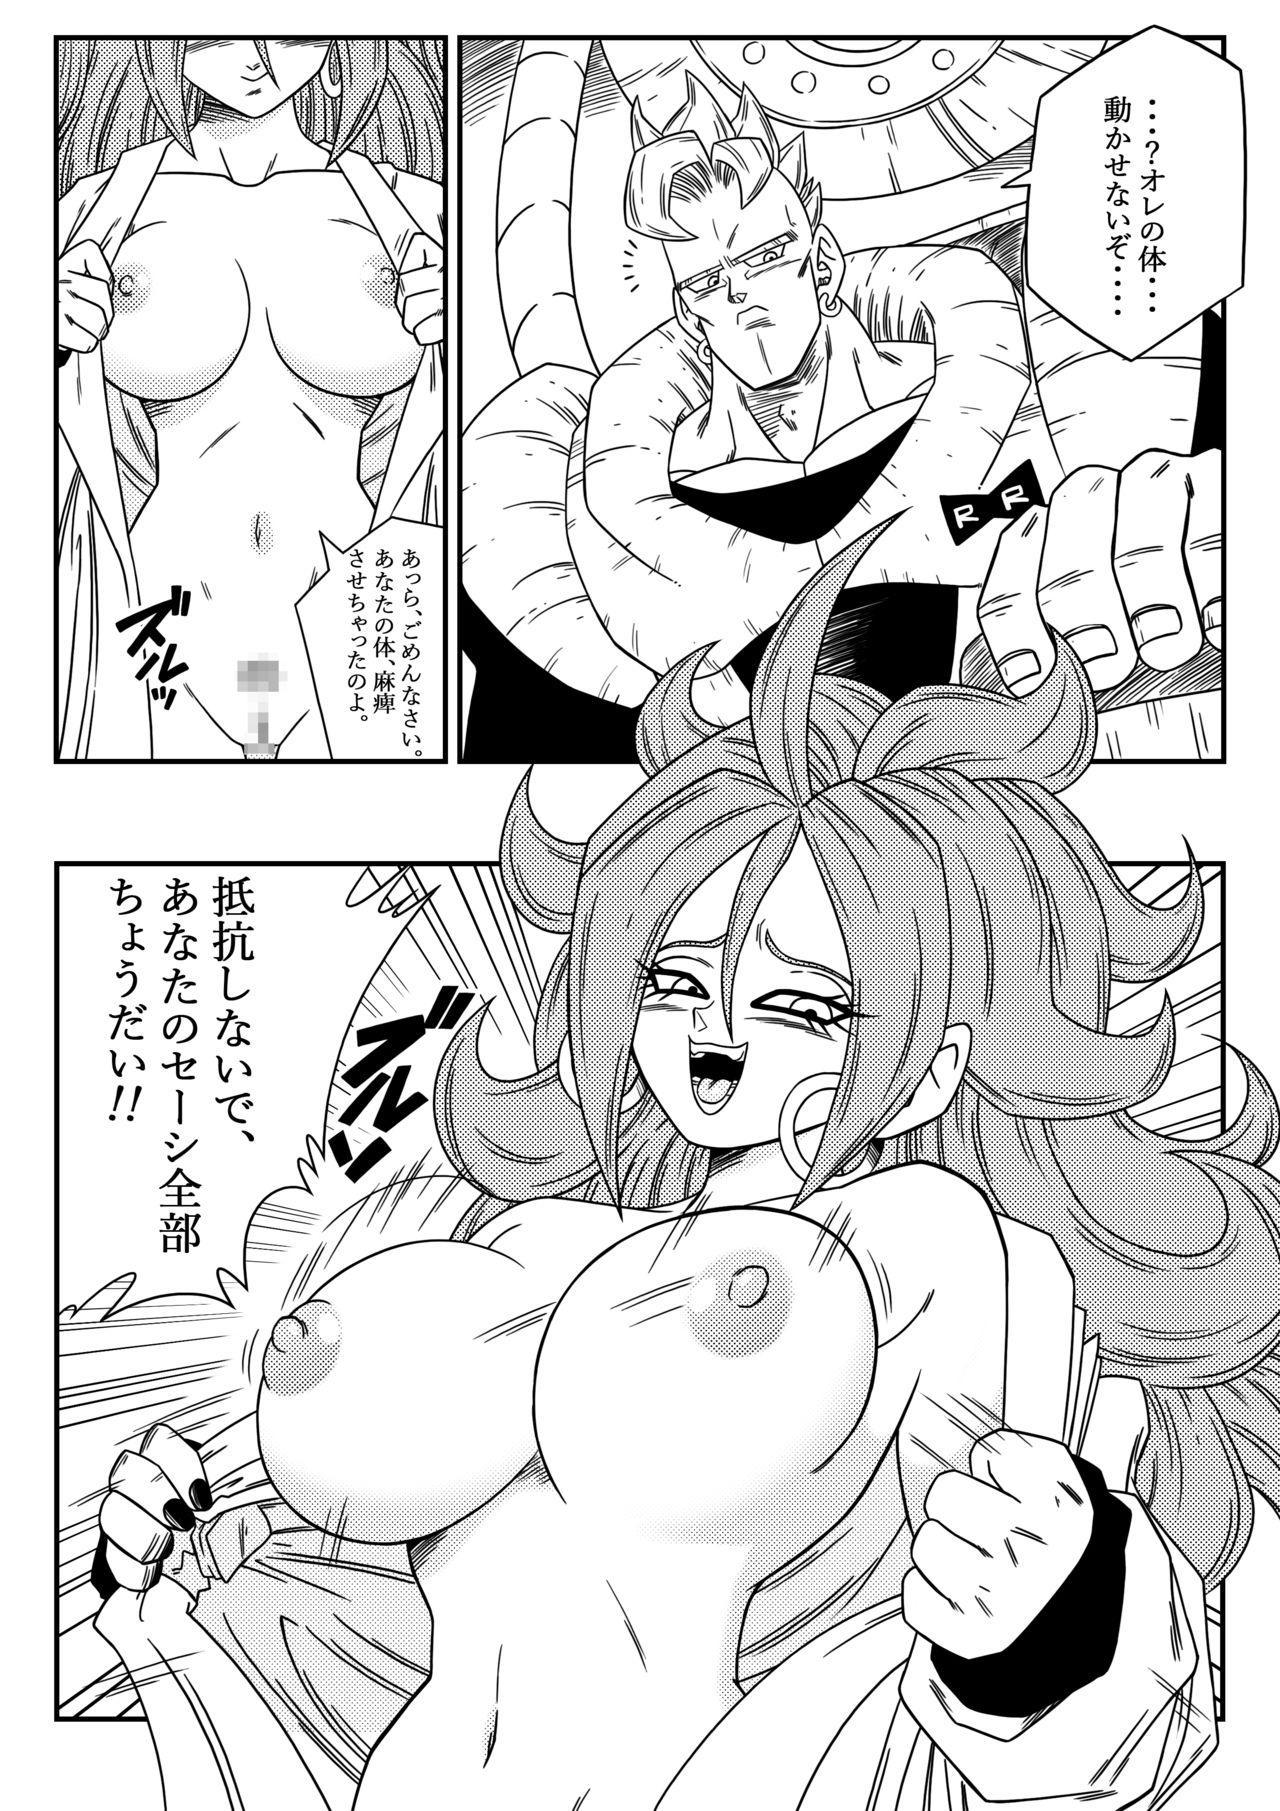 Kyonyuu Android Sekai Seiha o Netsubou!! Android 21 Shutsugen!! 4